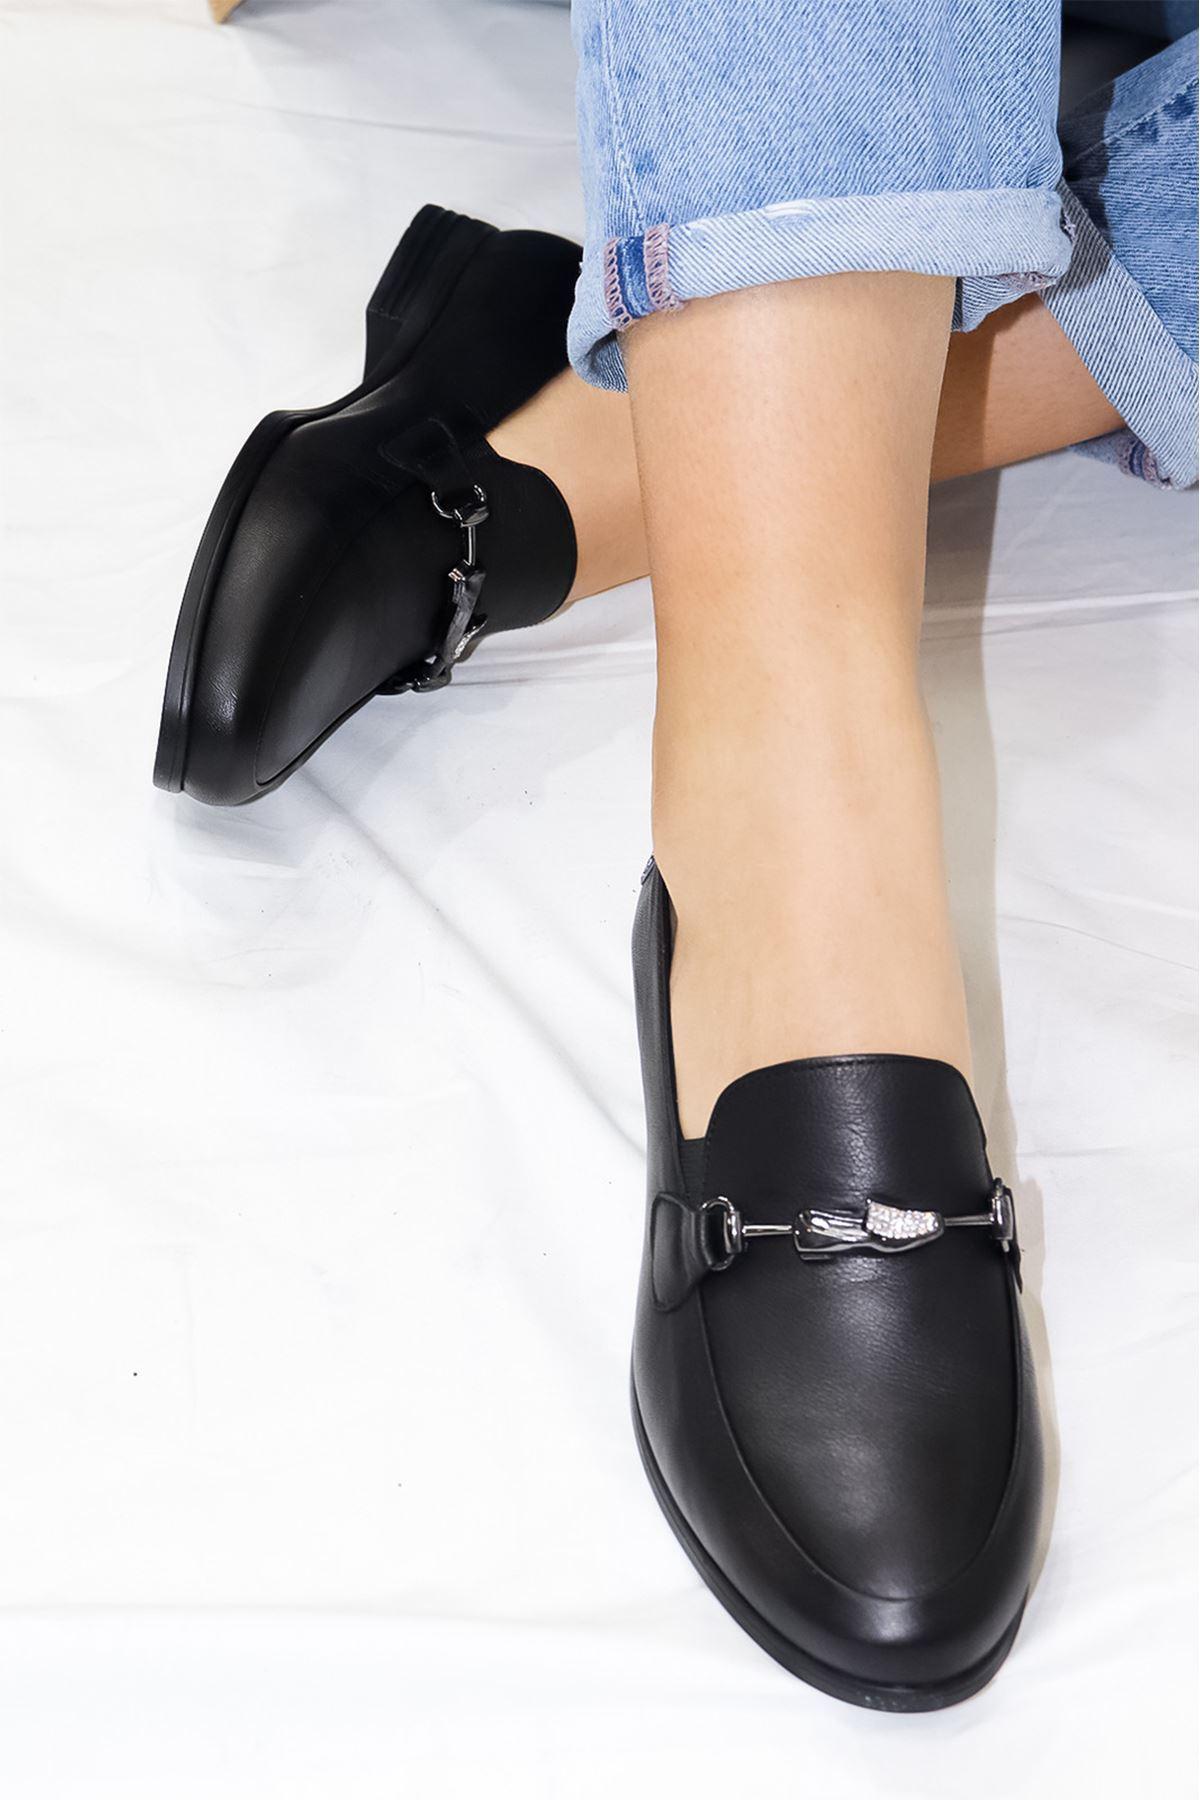 Mammamia - D21YA - 985-B Siyah Babet Kadın Ayakkabısı